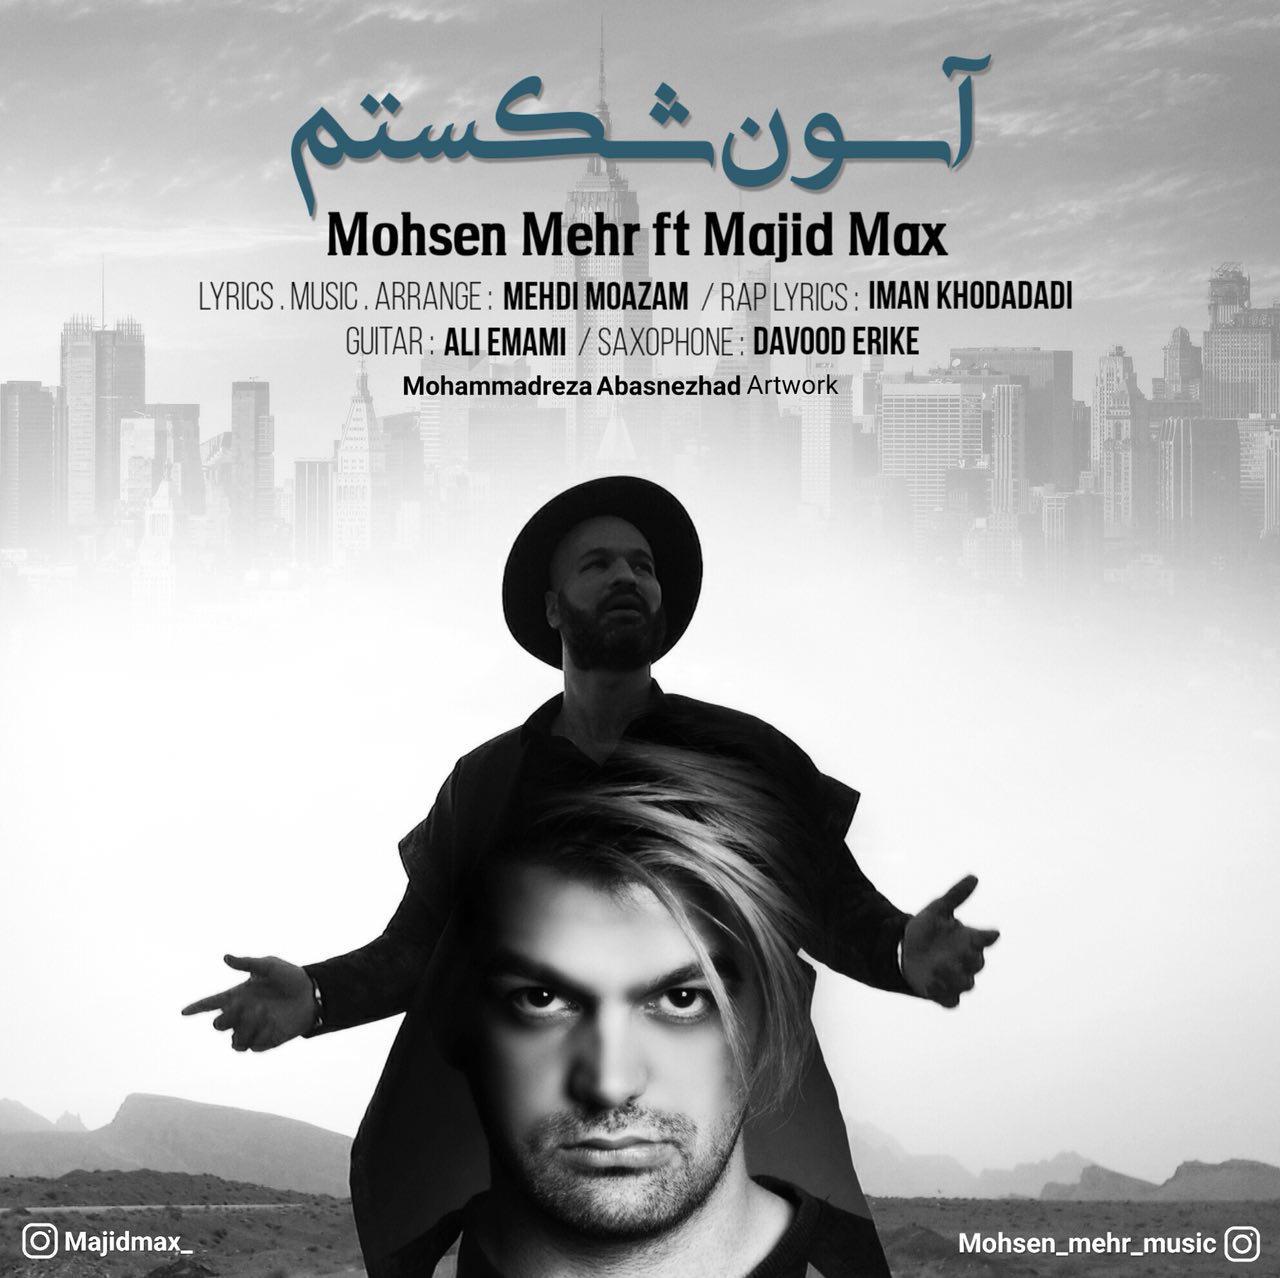 Mohsen Mehr Ft Majid Max - Asoon Shekastam